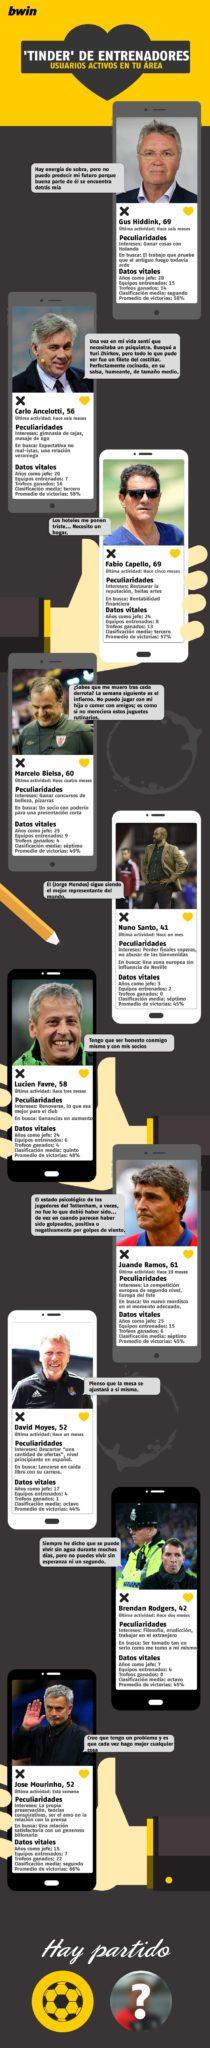 Infografía cedida por http://news.bwin.es/futbol/guus-hiddink-y-la-aplicacion-del-tinder-de-entrenadores,35957.html